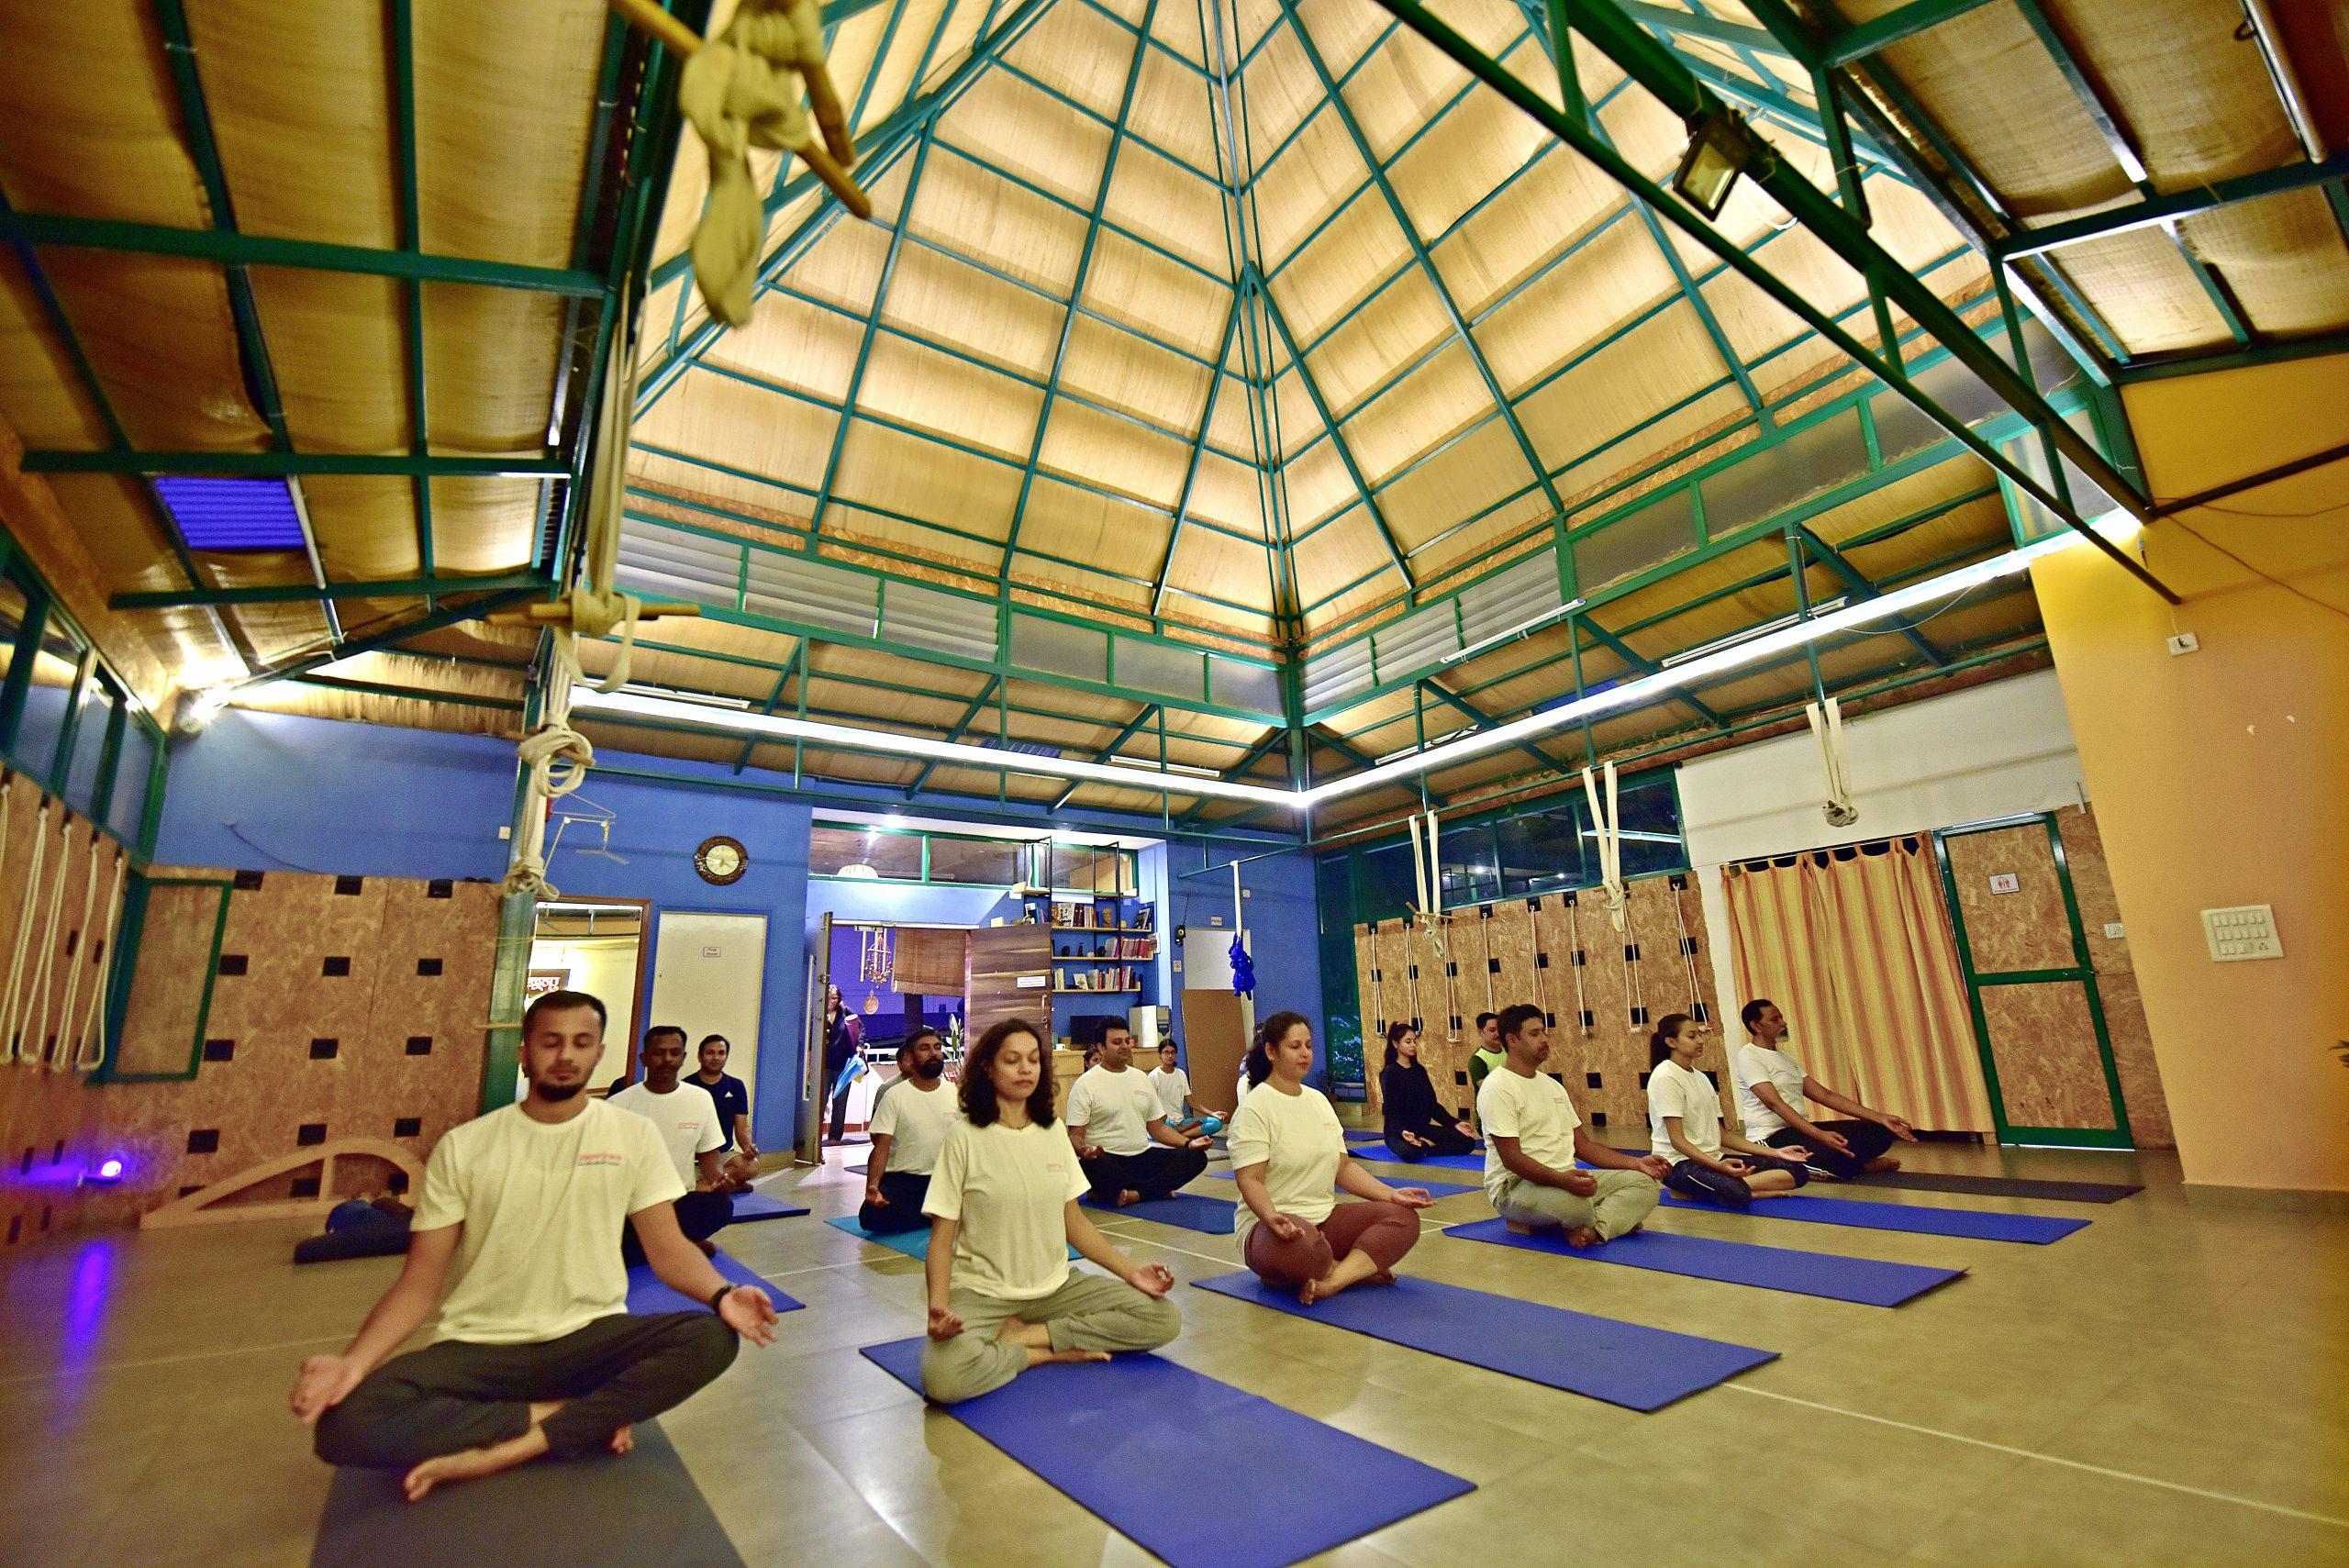 Full moon meditation at Yogavijnana